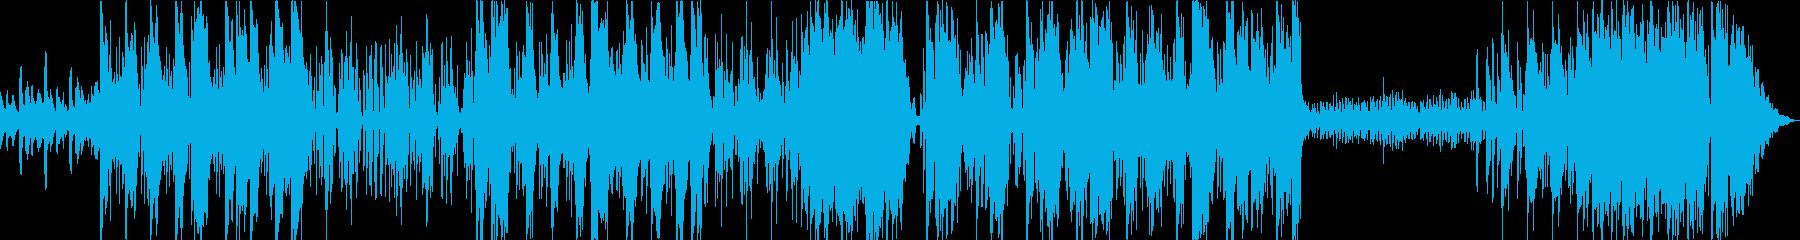 ピアノを用いたダークなシーン向のトラップの再生済みの波形